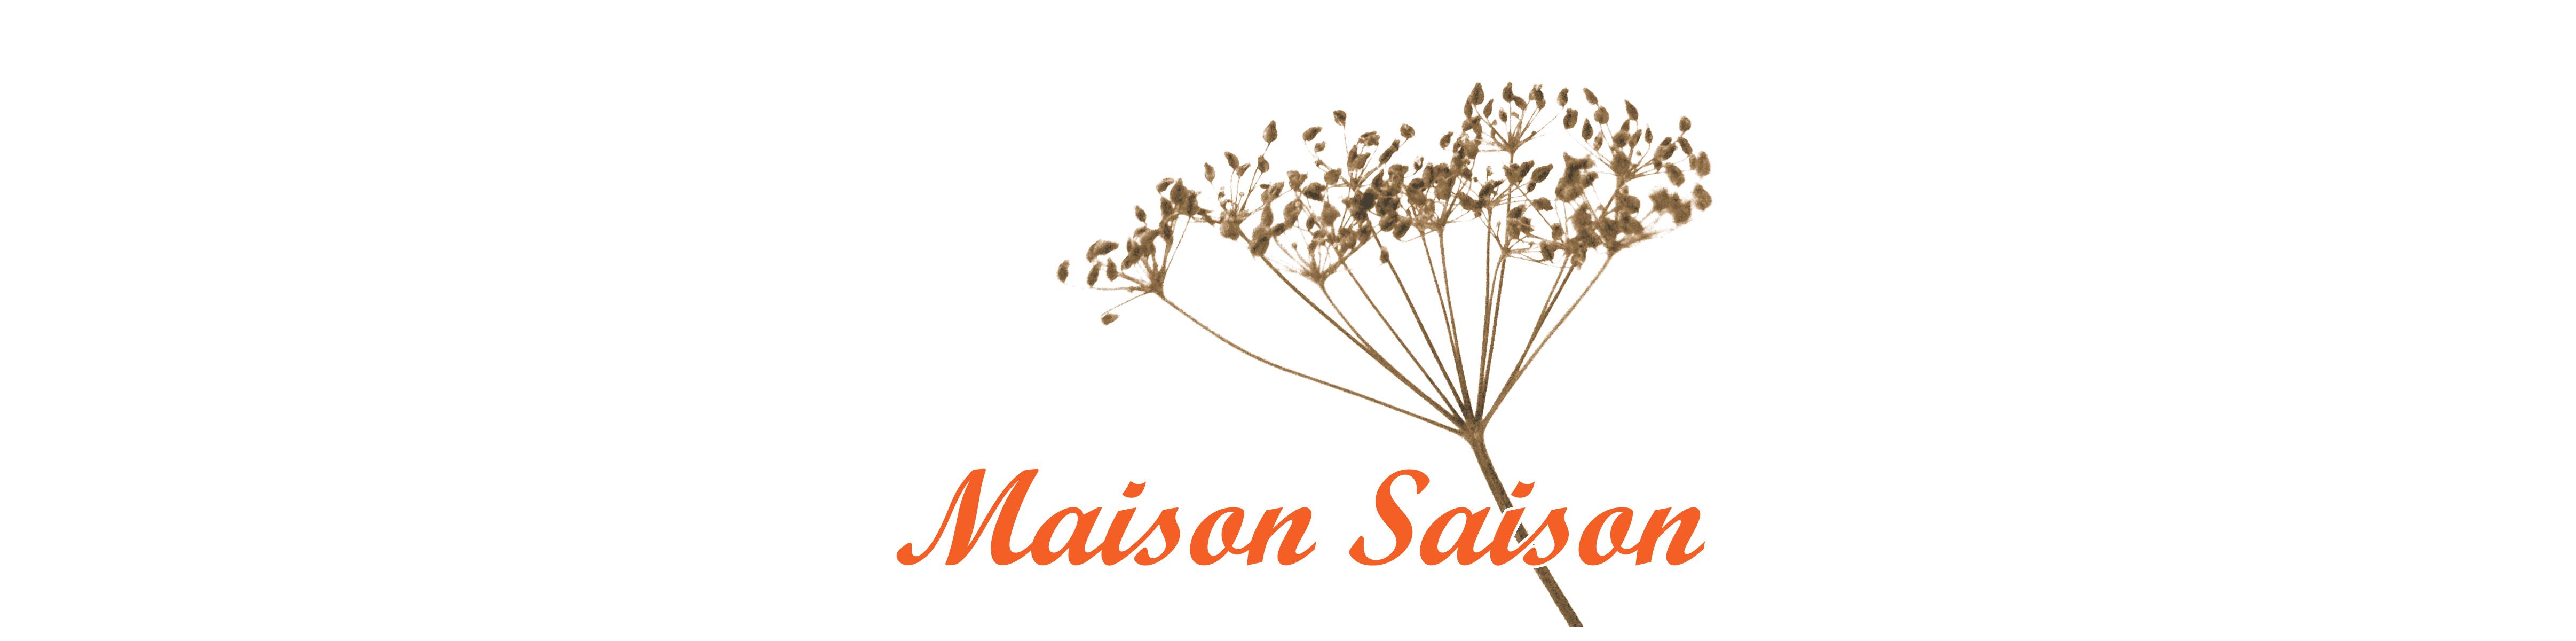 Maison Saison